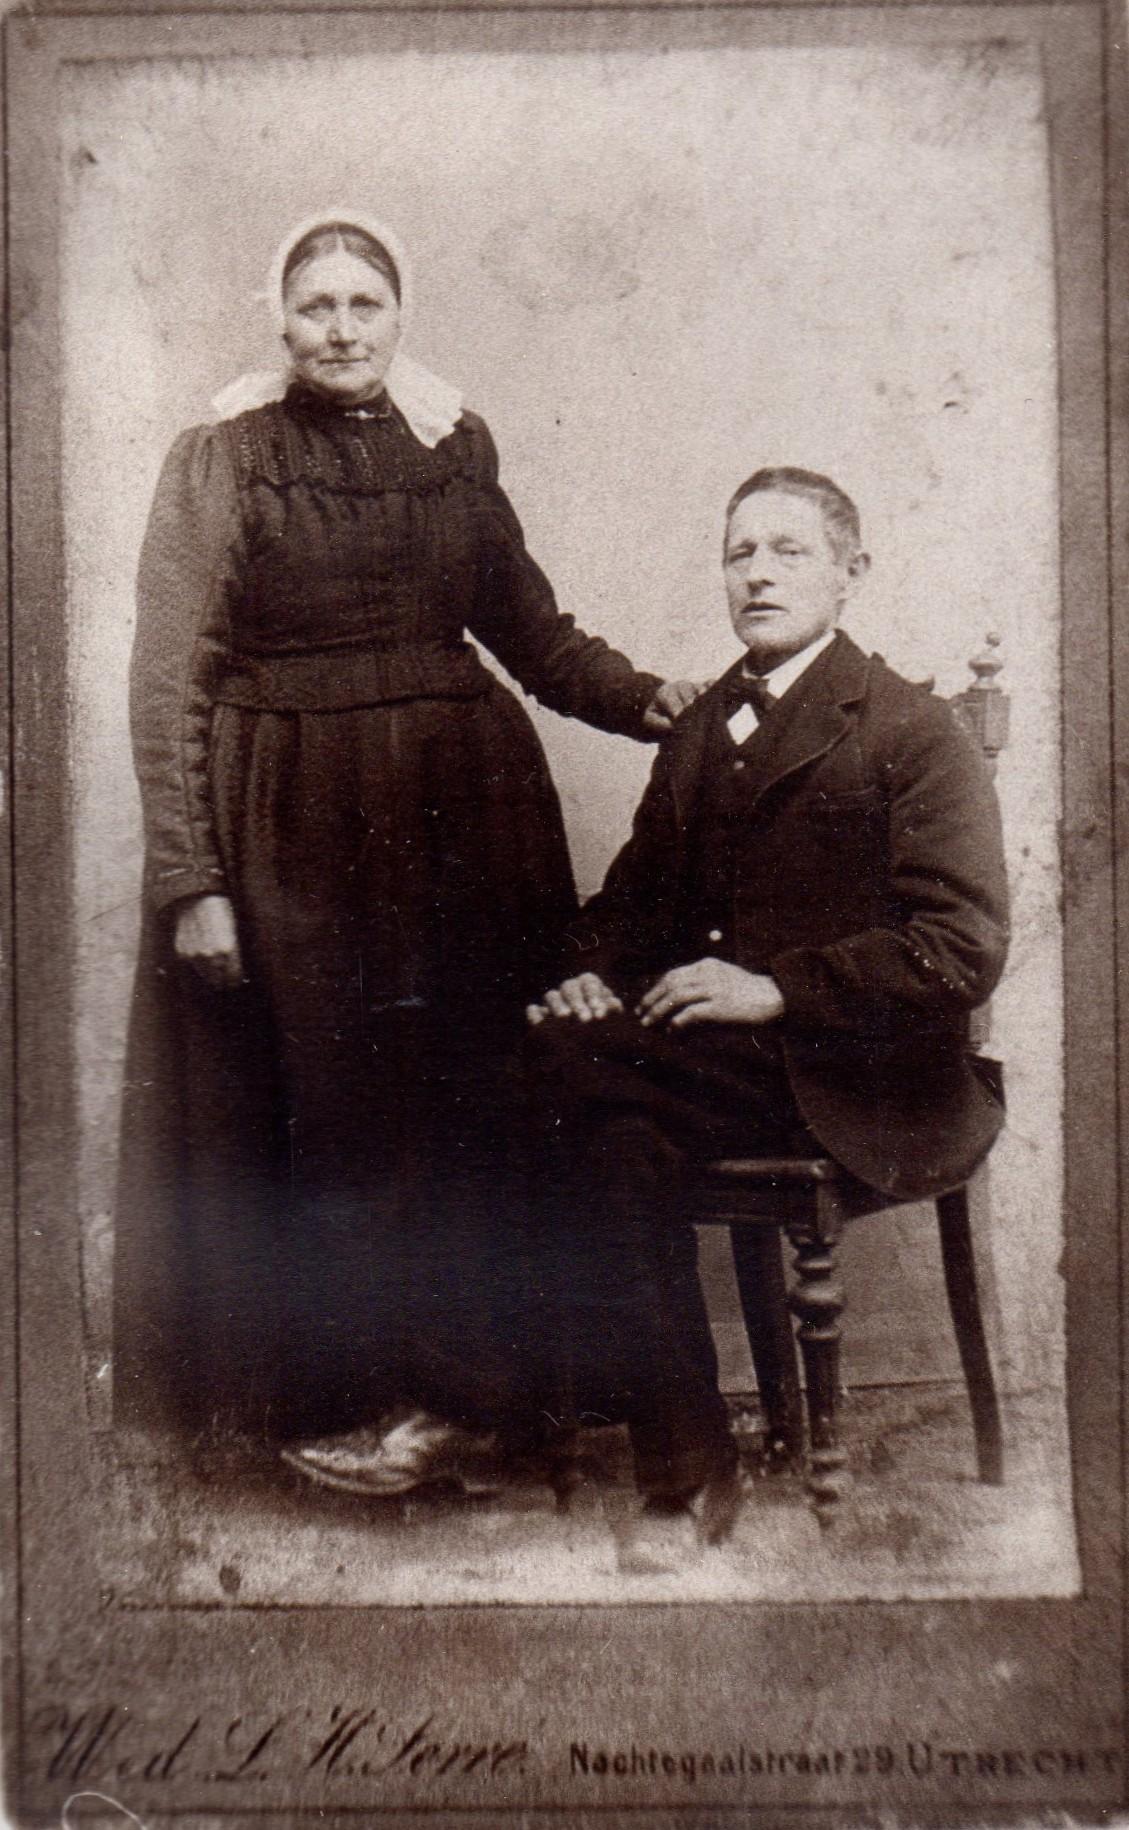 Pieternella Coppier (1837-1923), Bernardus Kool (1834-1907)